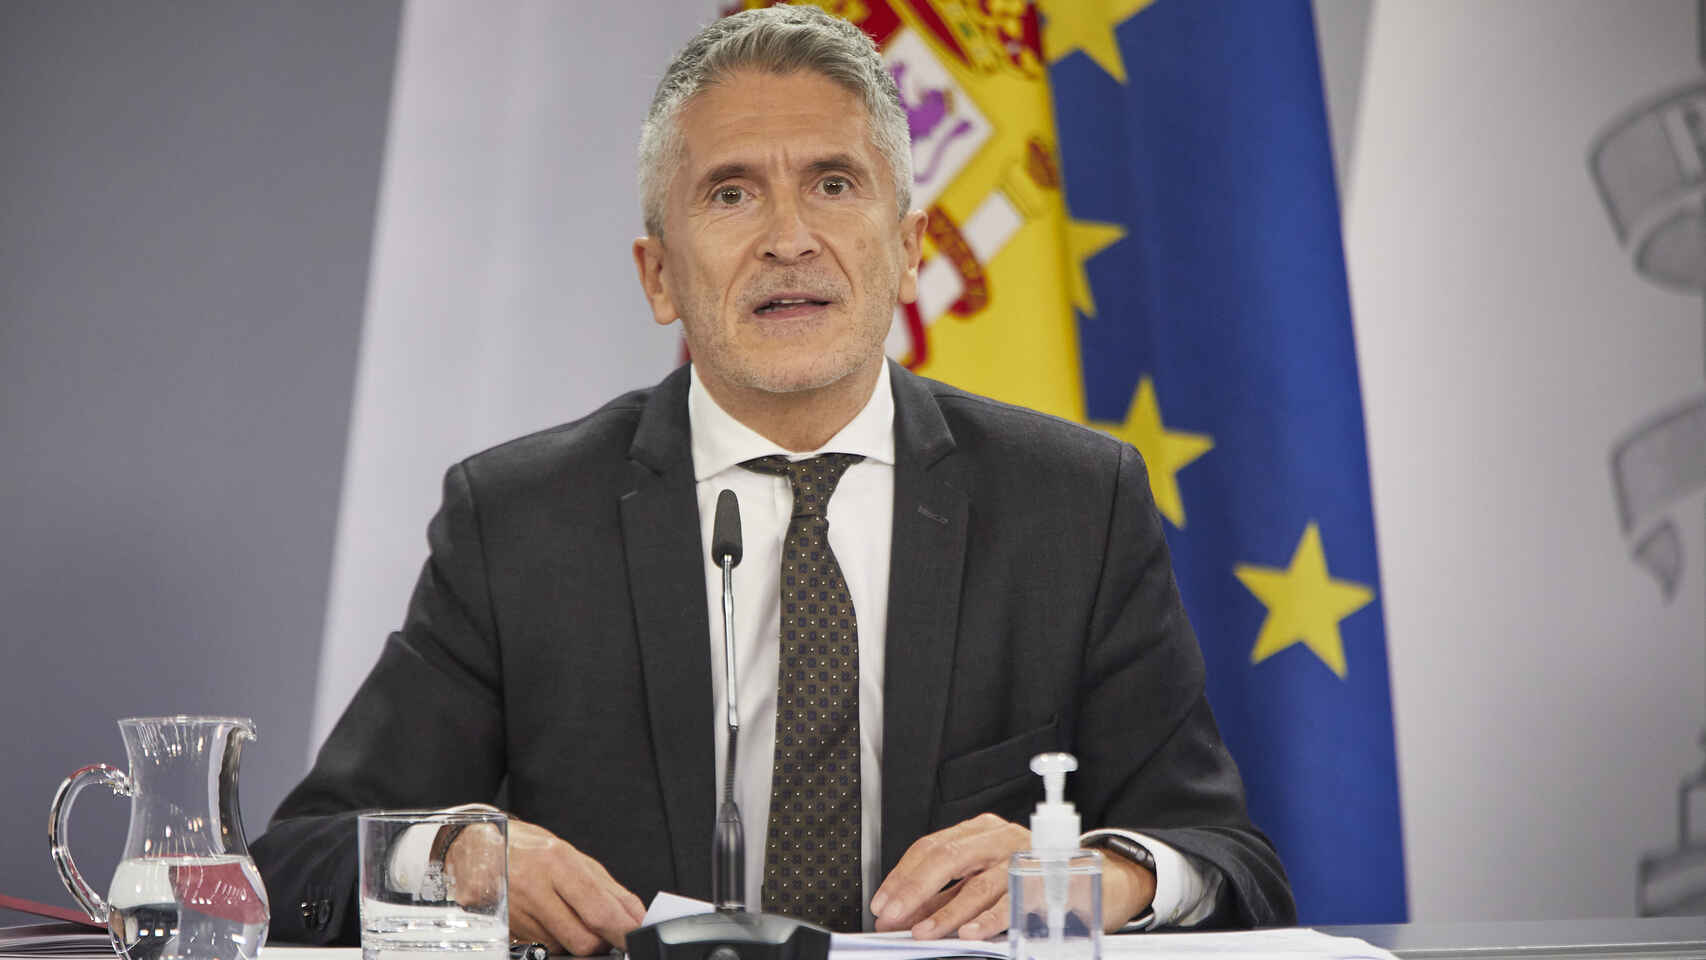 Le ministre espagnol de l'Intérieur attendu à Rabat le 20 novembre